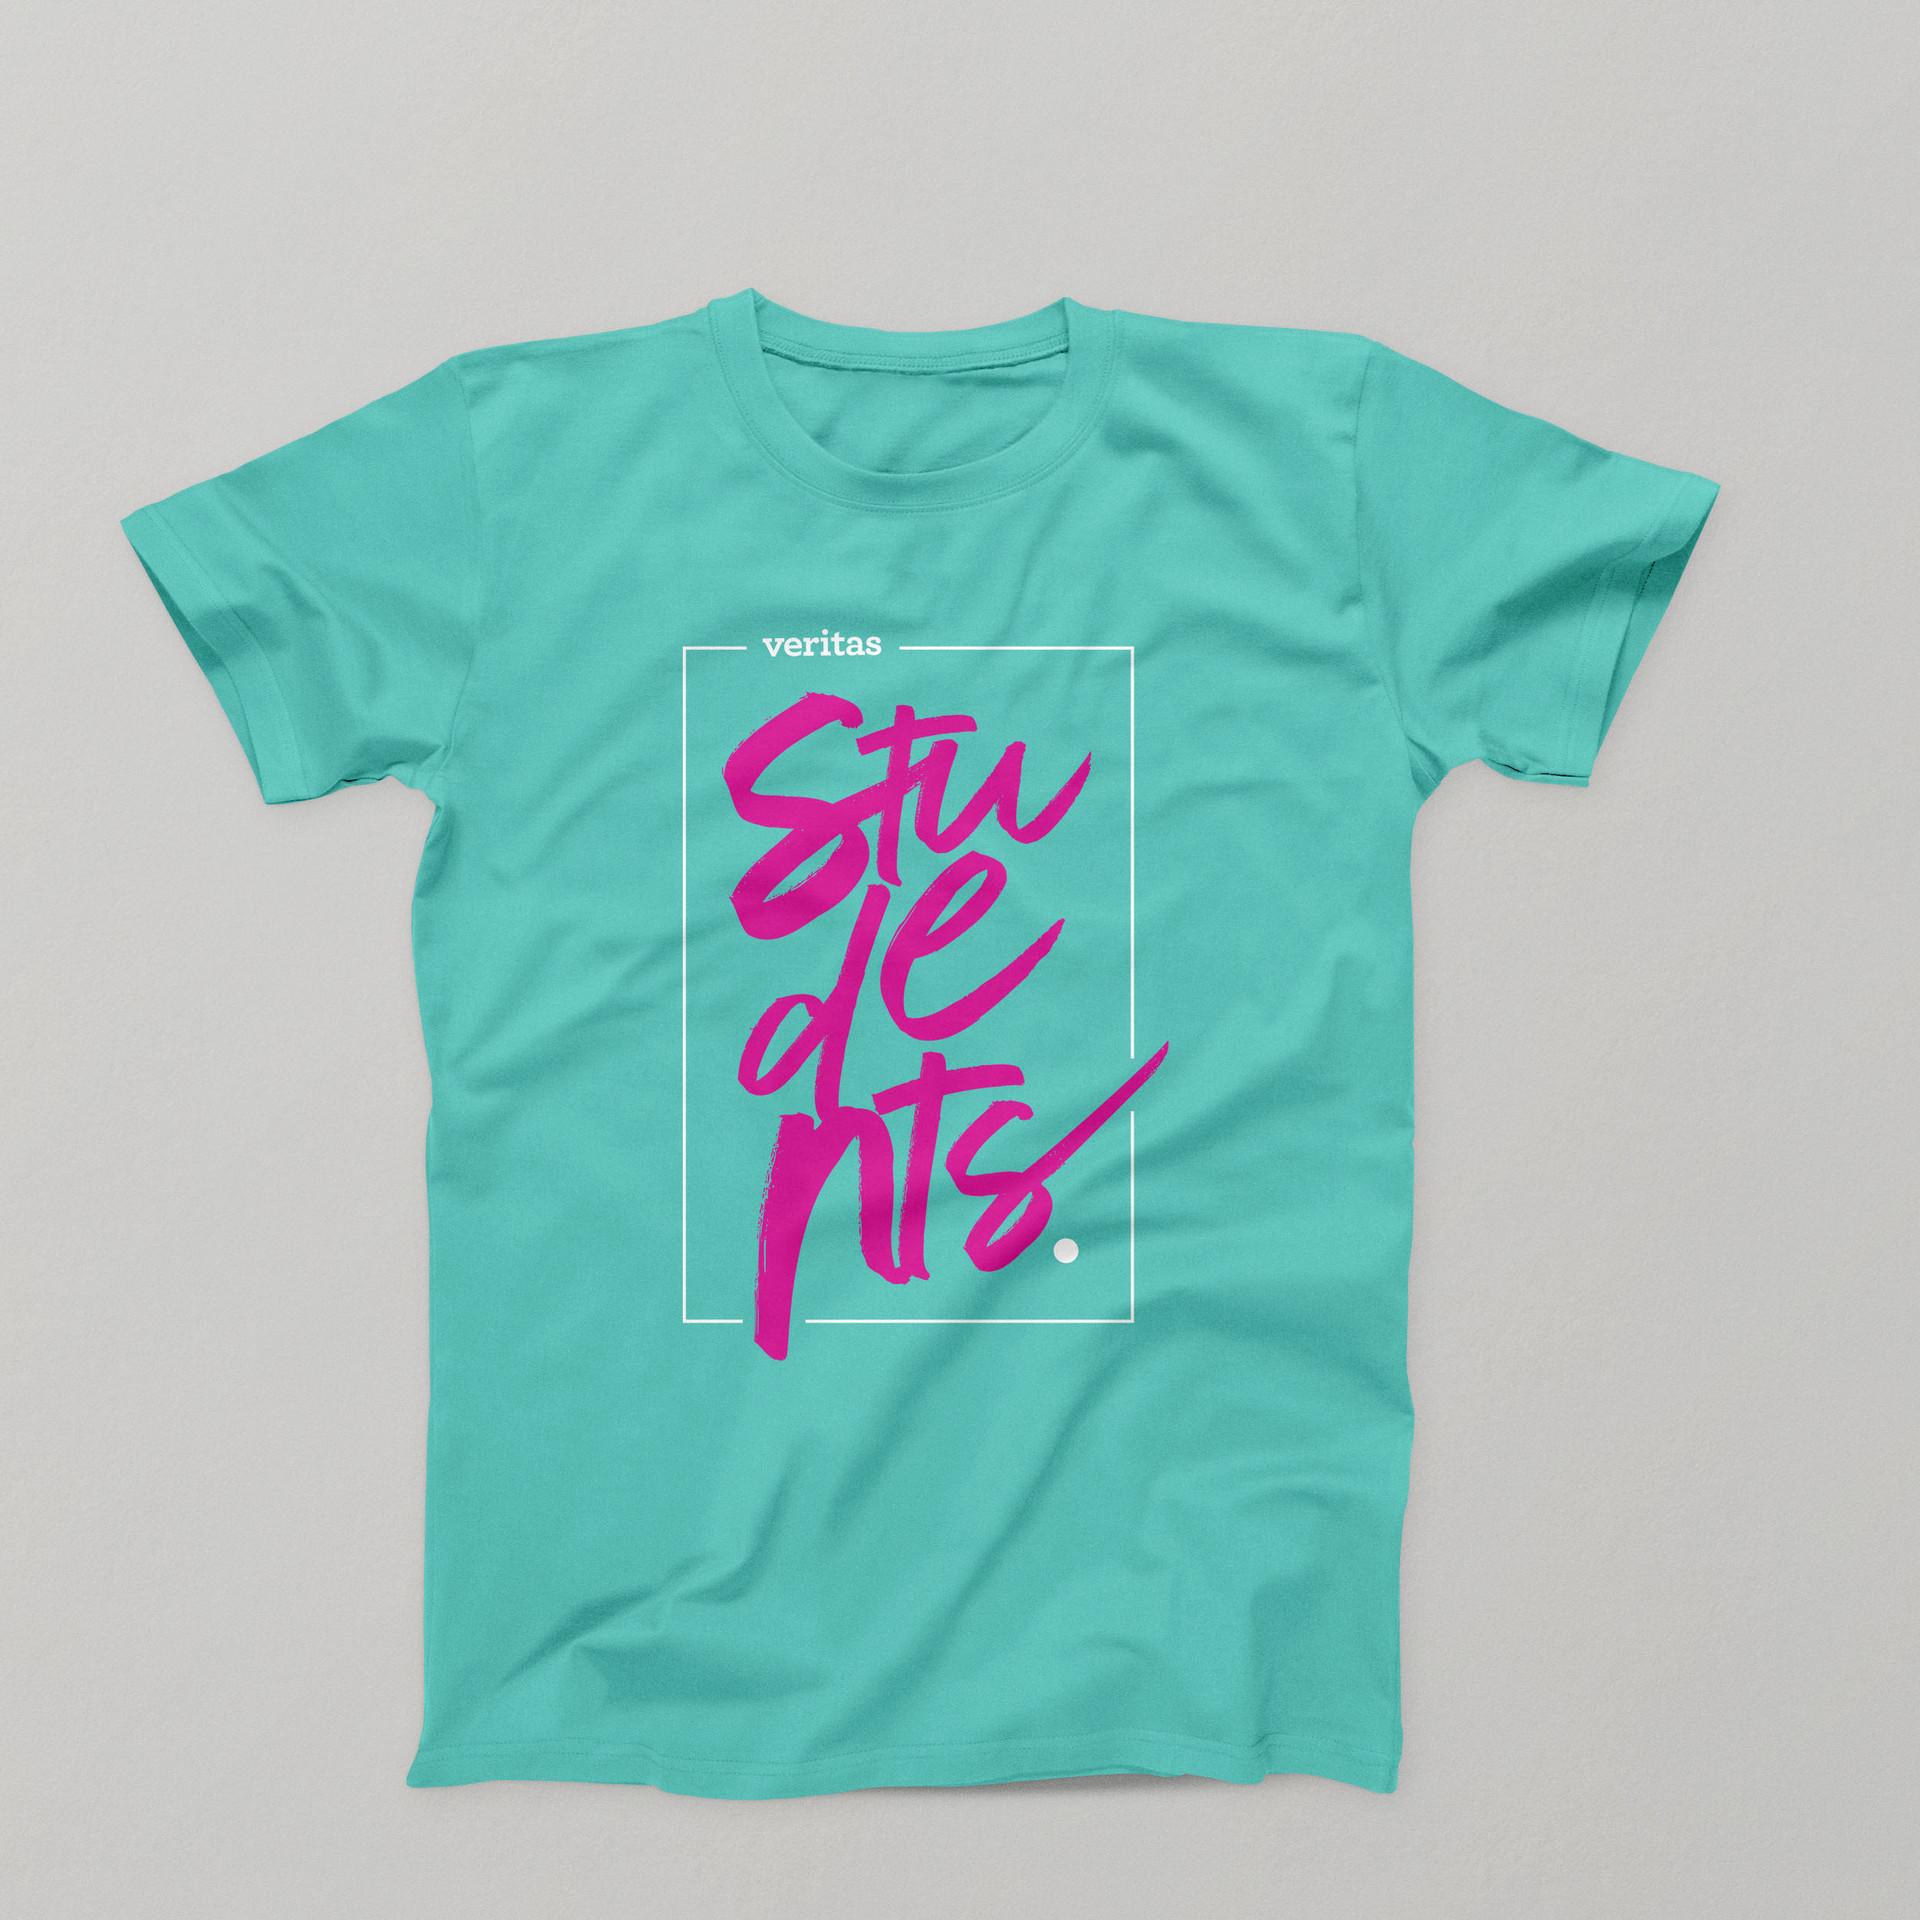 students-tshirt-mockup.jpg